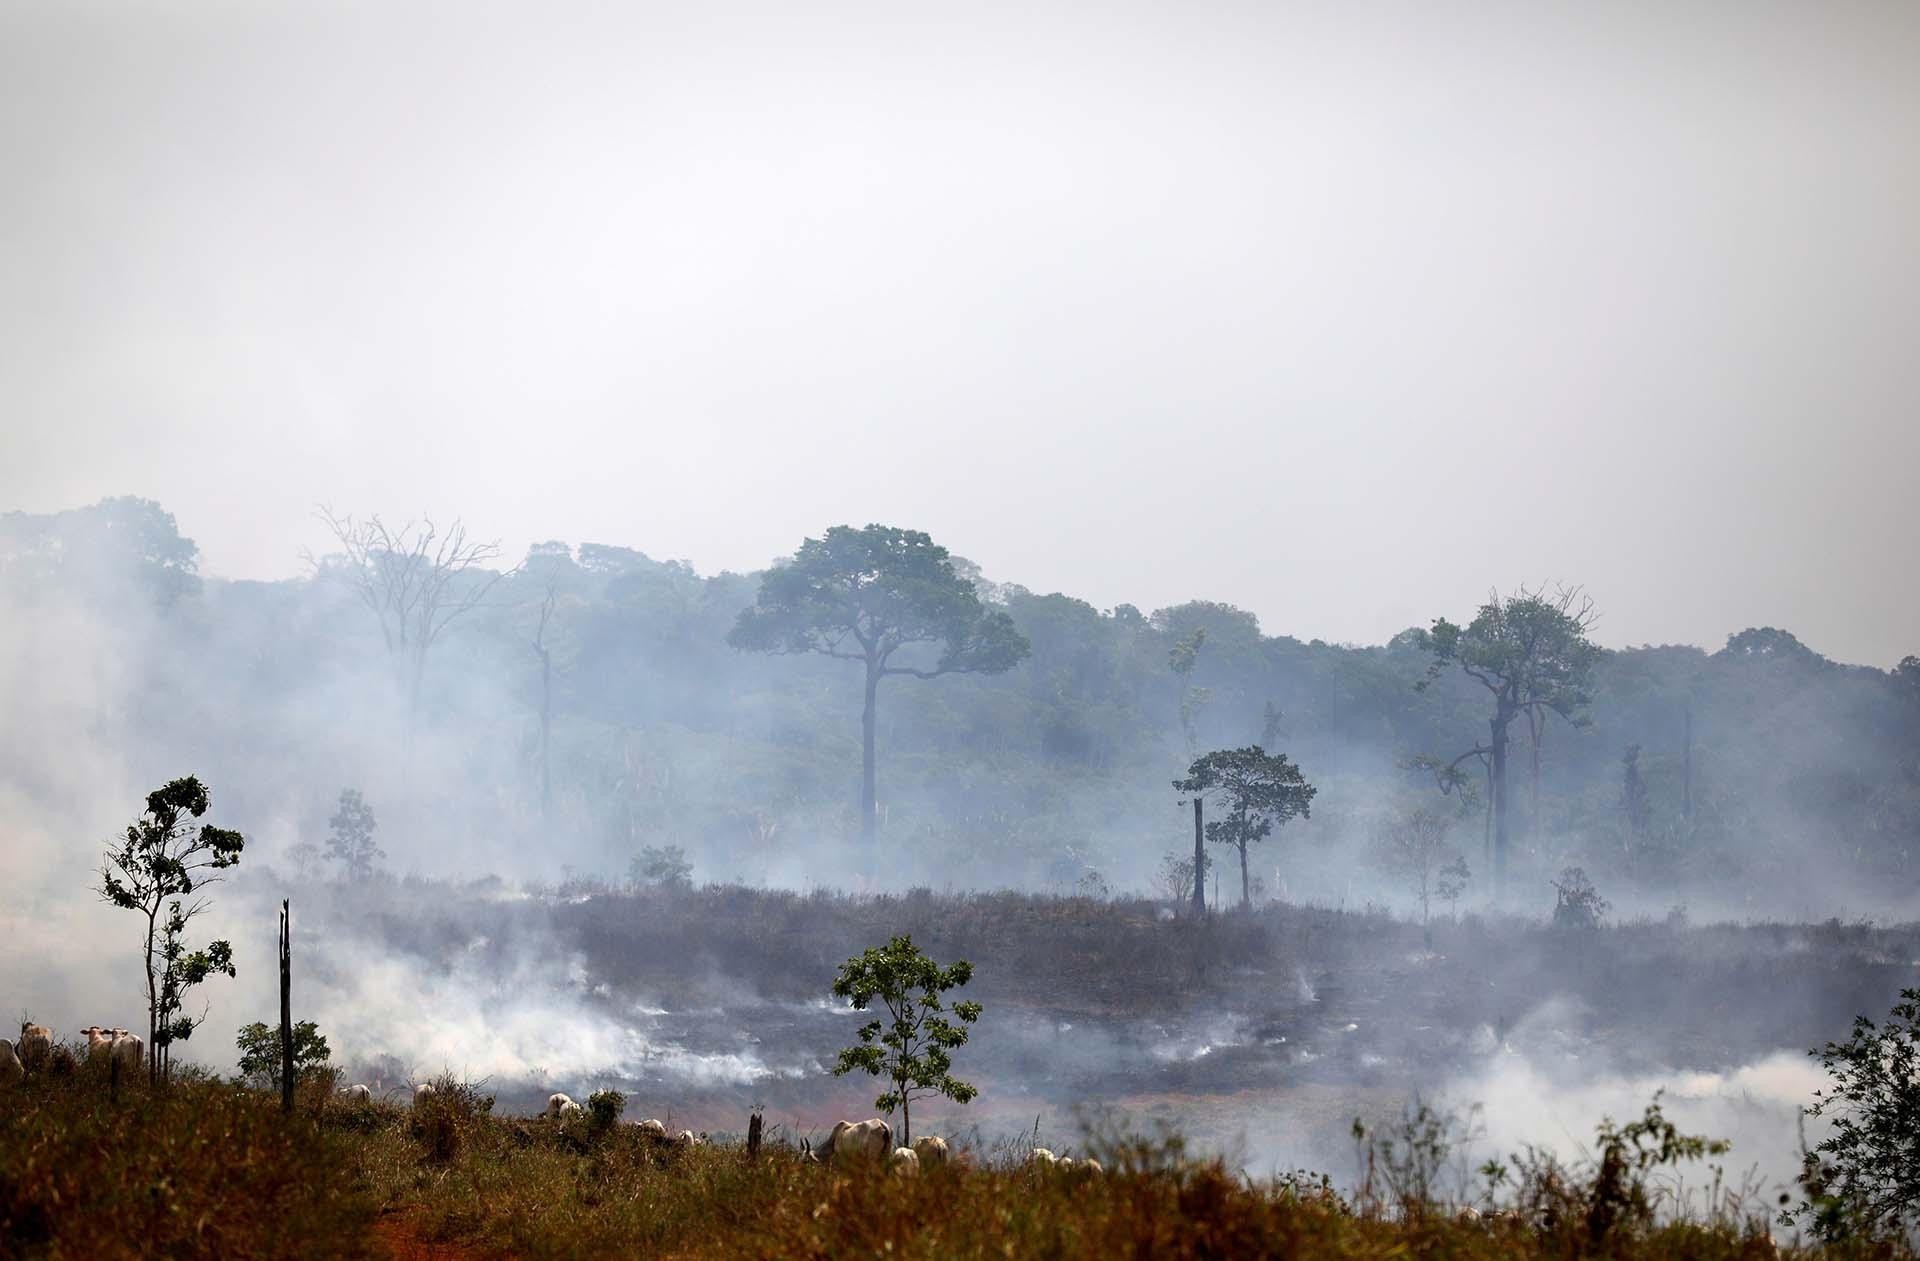 Una parte de la selva en Apui, estado de Amazonas, quedó cubierta de cenizas